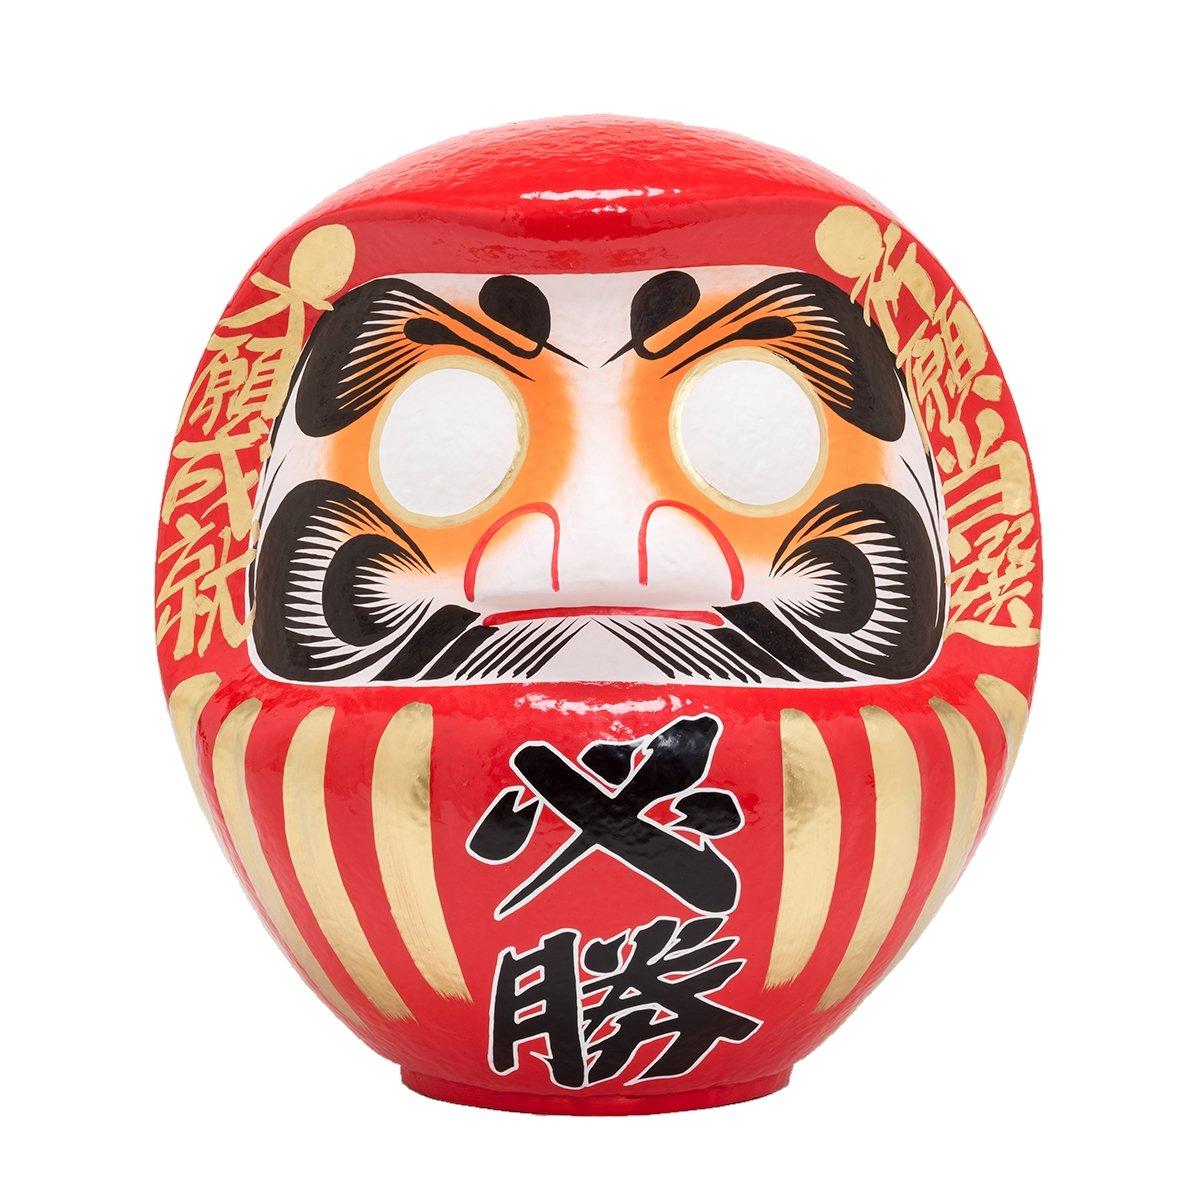 高崎だるま 必勝だるま15号 (選挙用) 赤 B06XZGT8RC